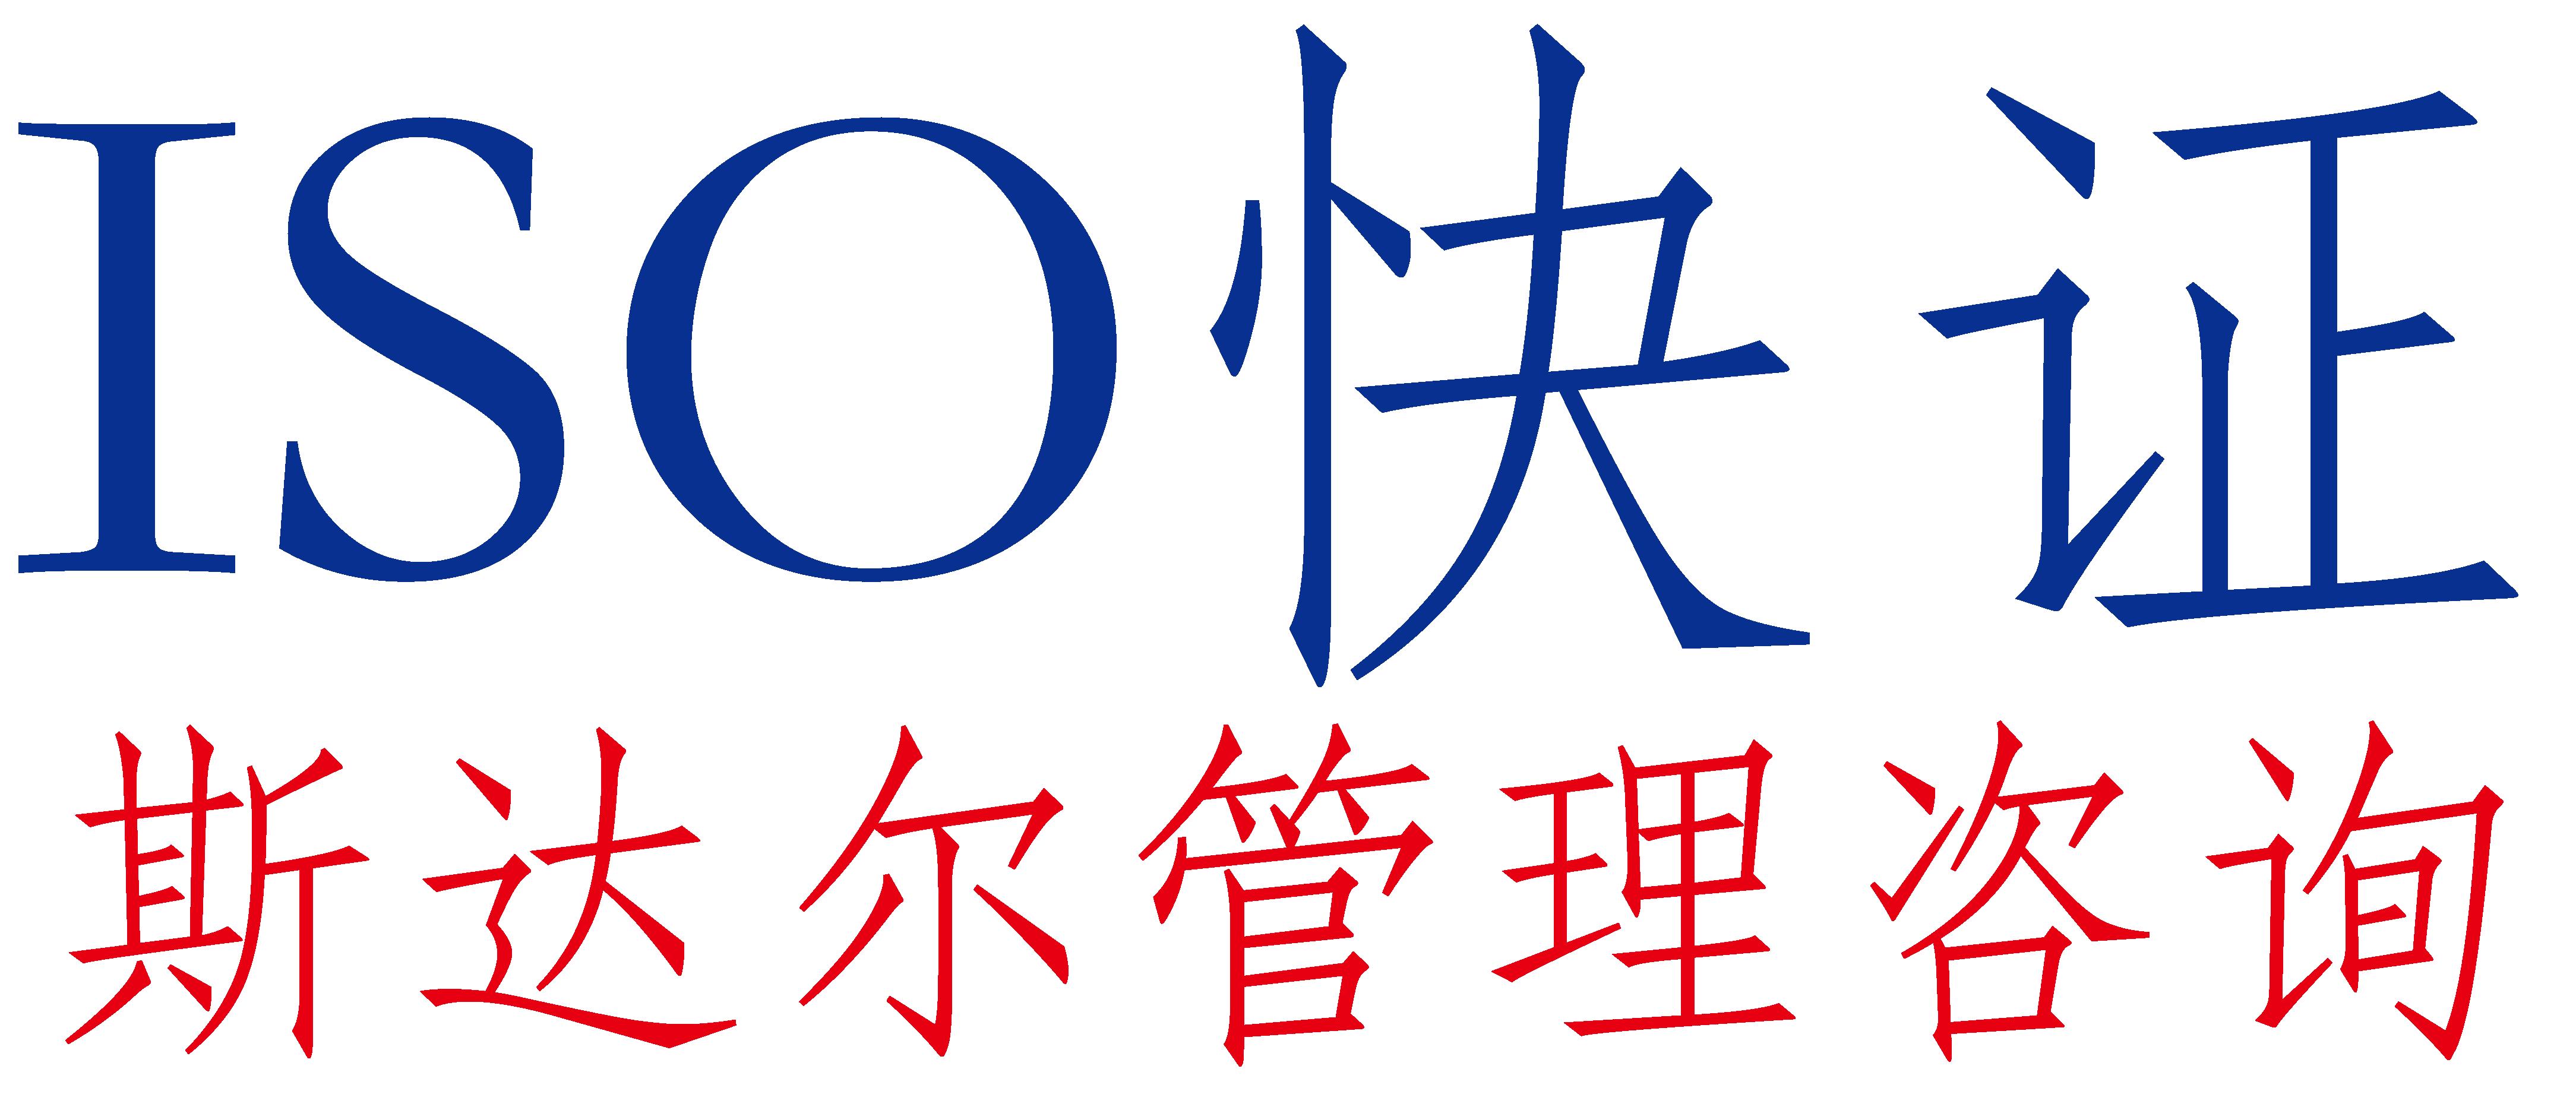 深圳市斯达尔管理咨询有限公司